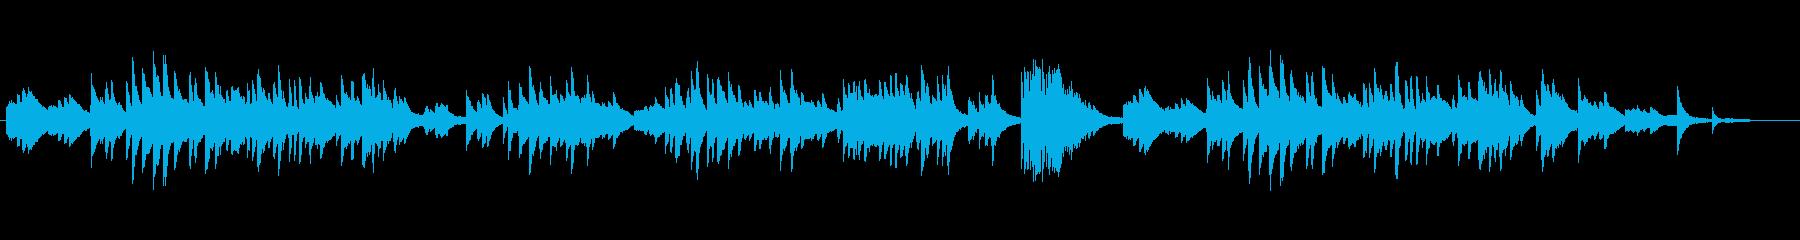 ヒーリング・イージーリスニングのピアノ曲の再生済みの波形